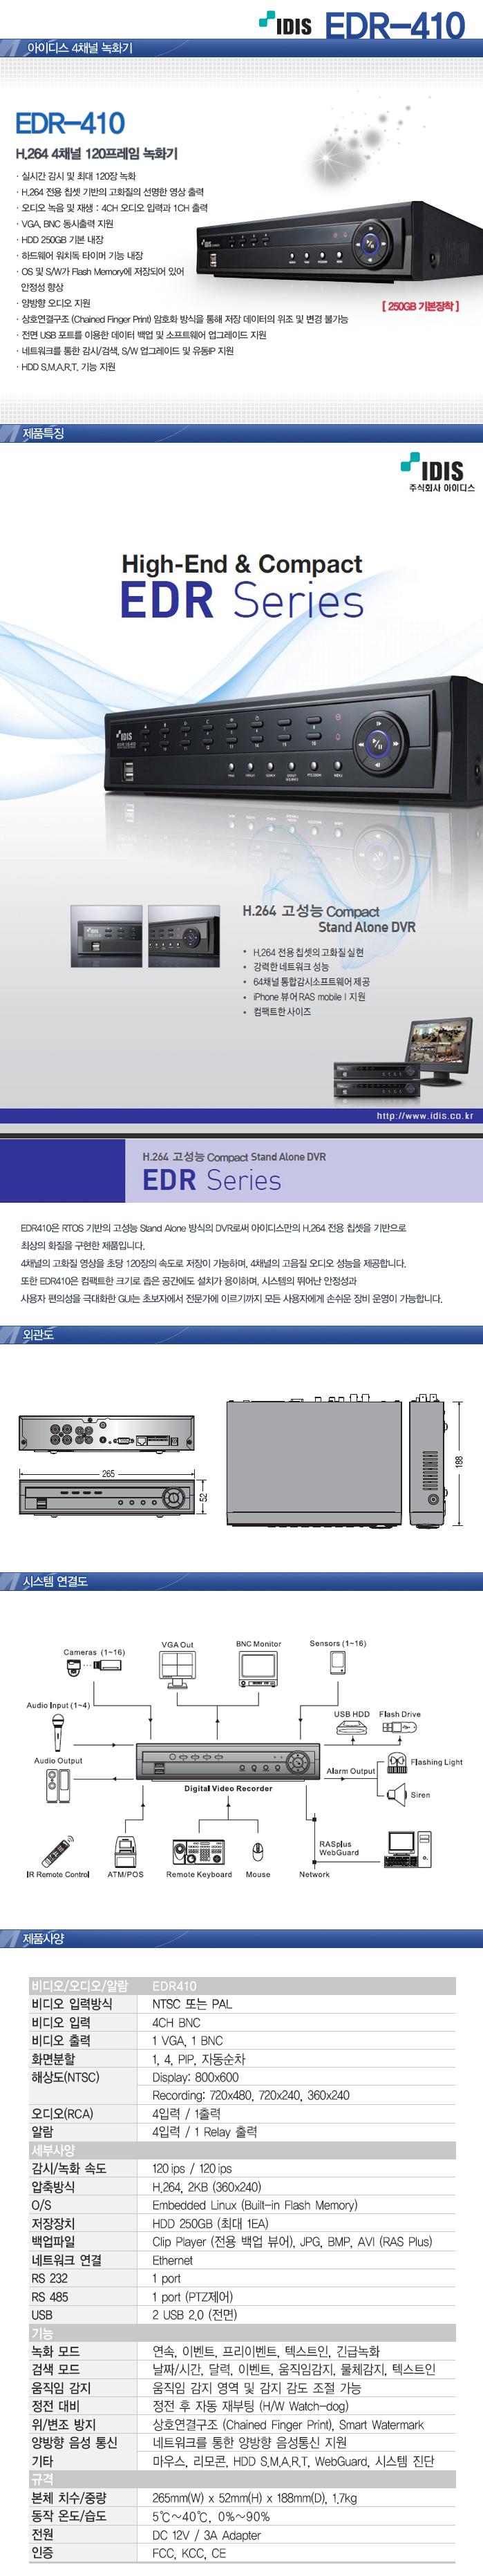 edr-410-01.jpg